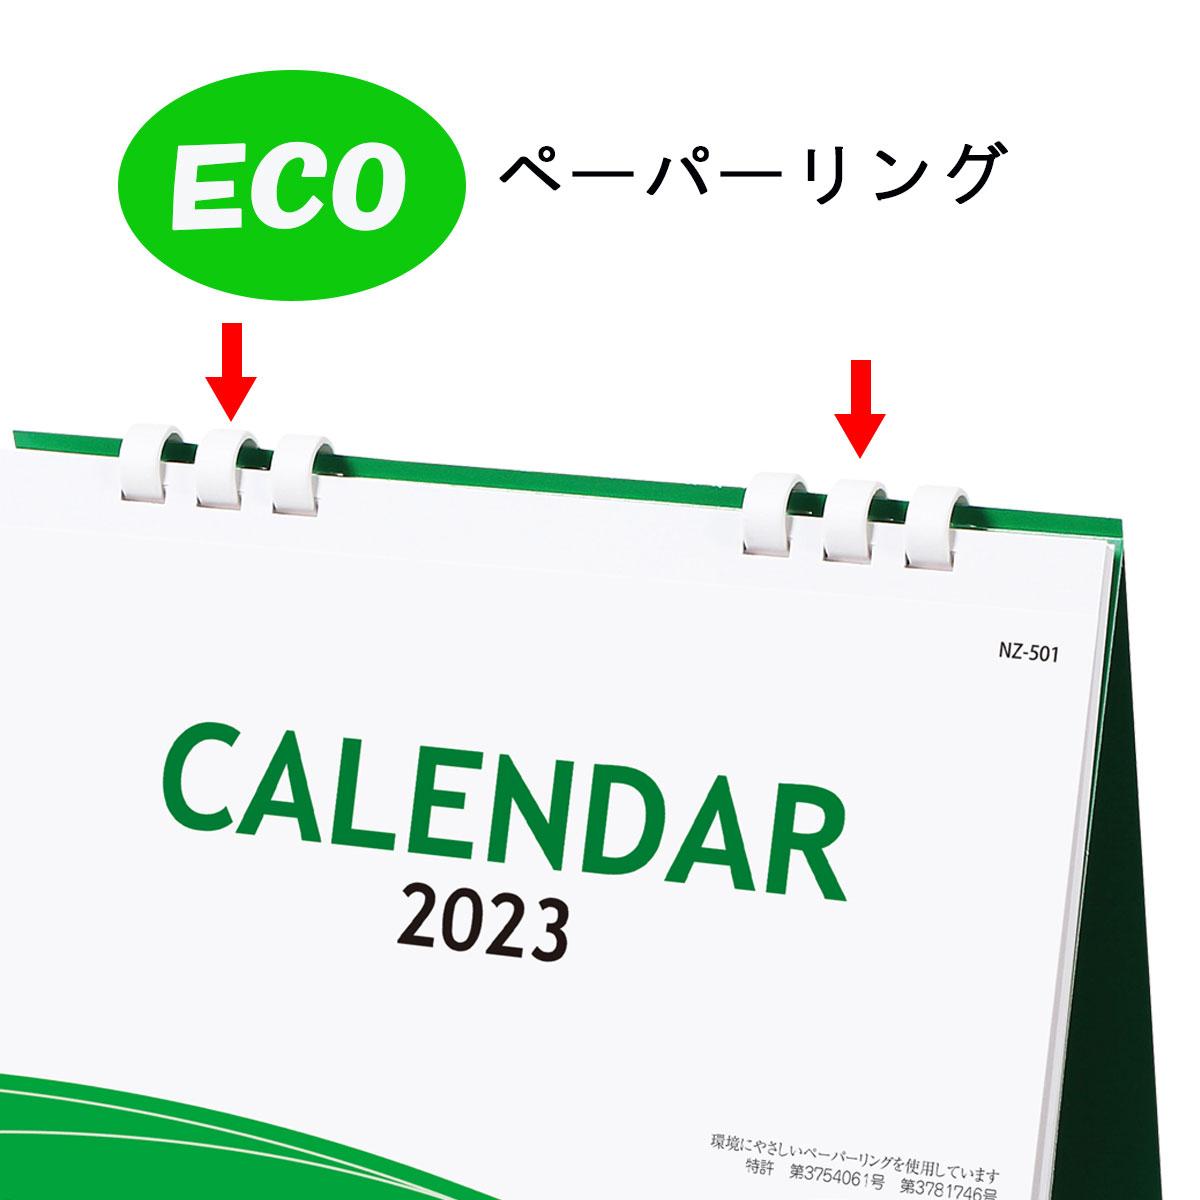 卓上カレンダー エコグリーン